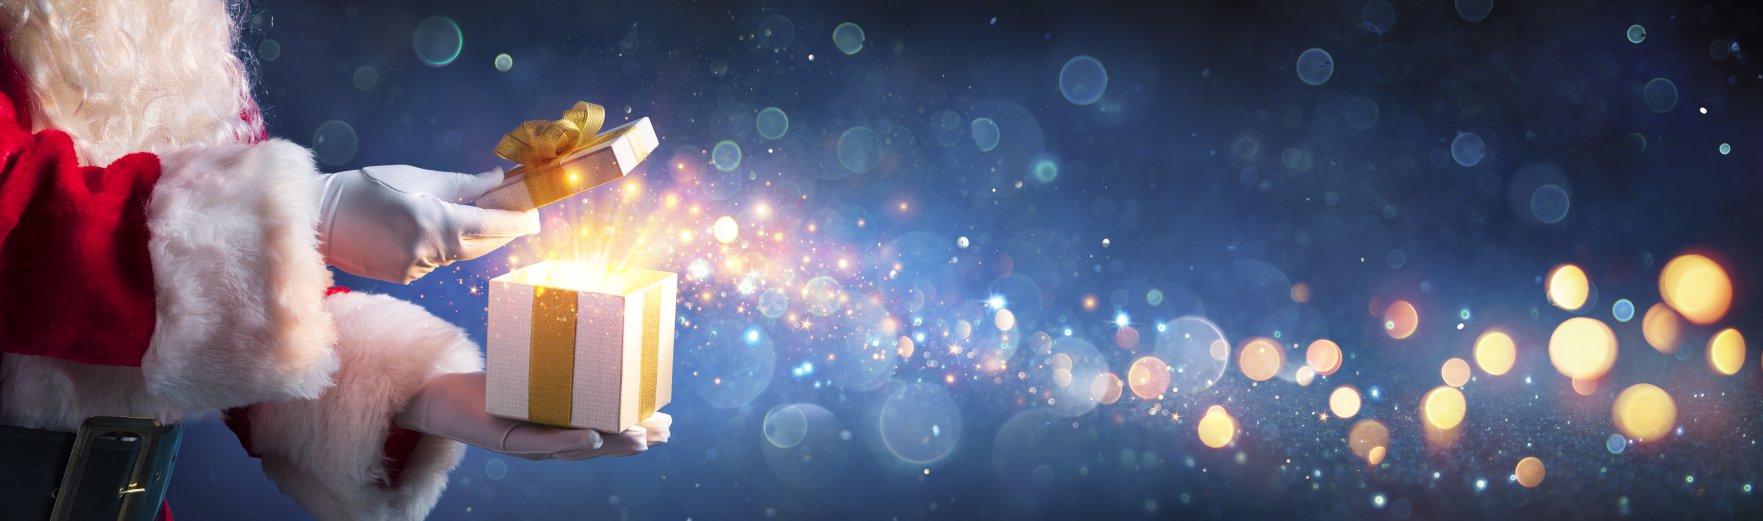 كفرات فيس بوك راس السنه و الكريسماس 1 غلاف فيس بوك رأس السنة و الكريسماس